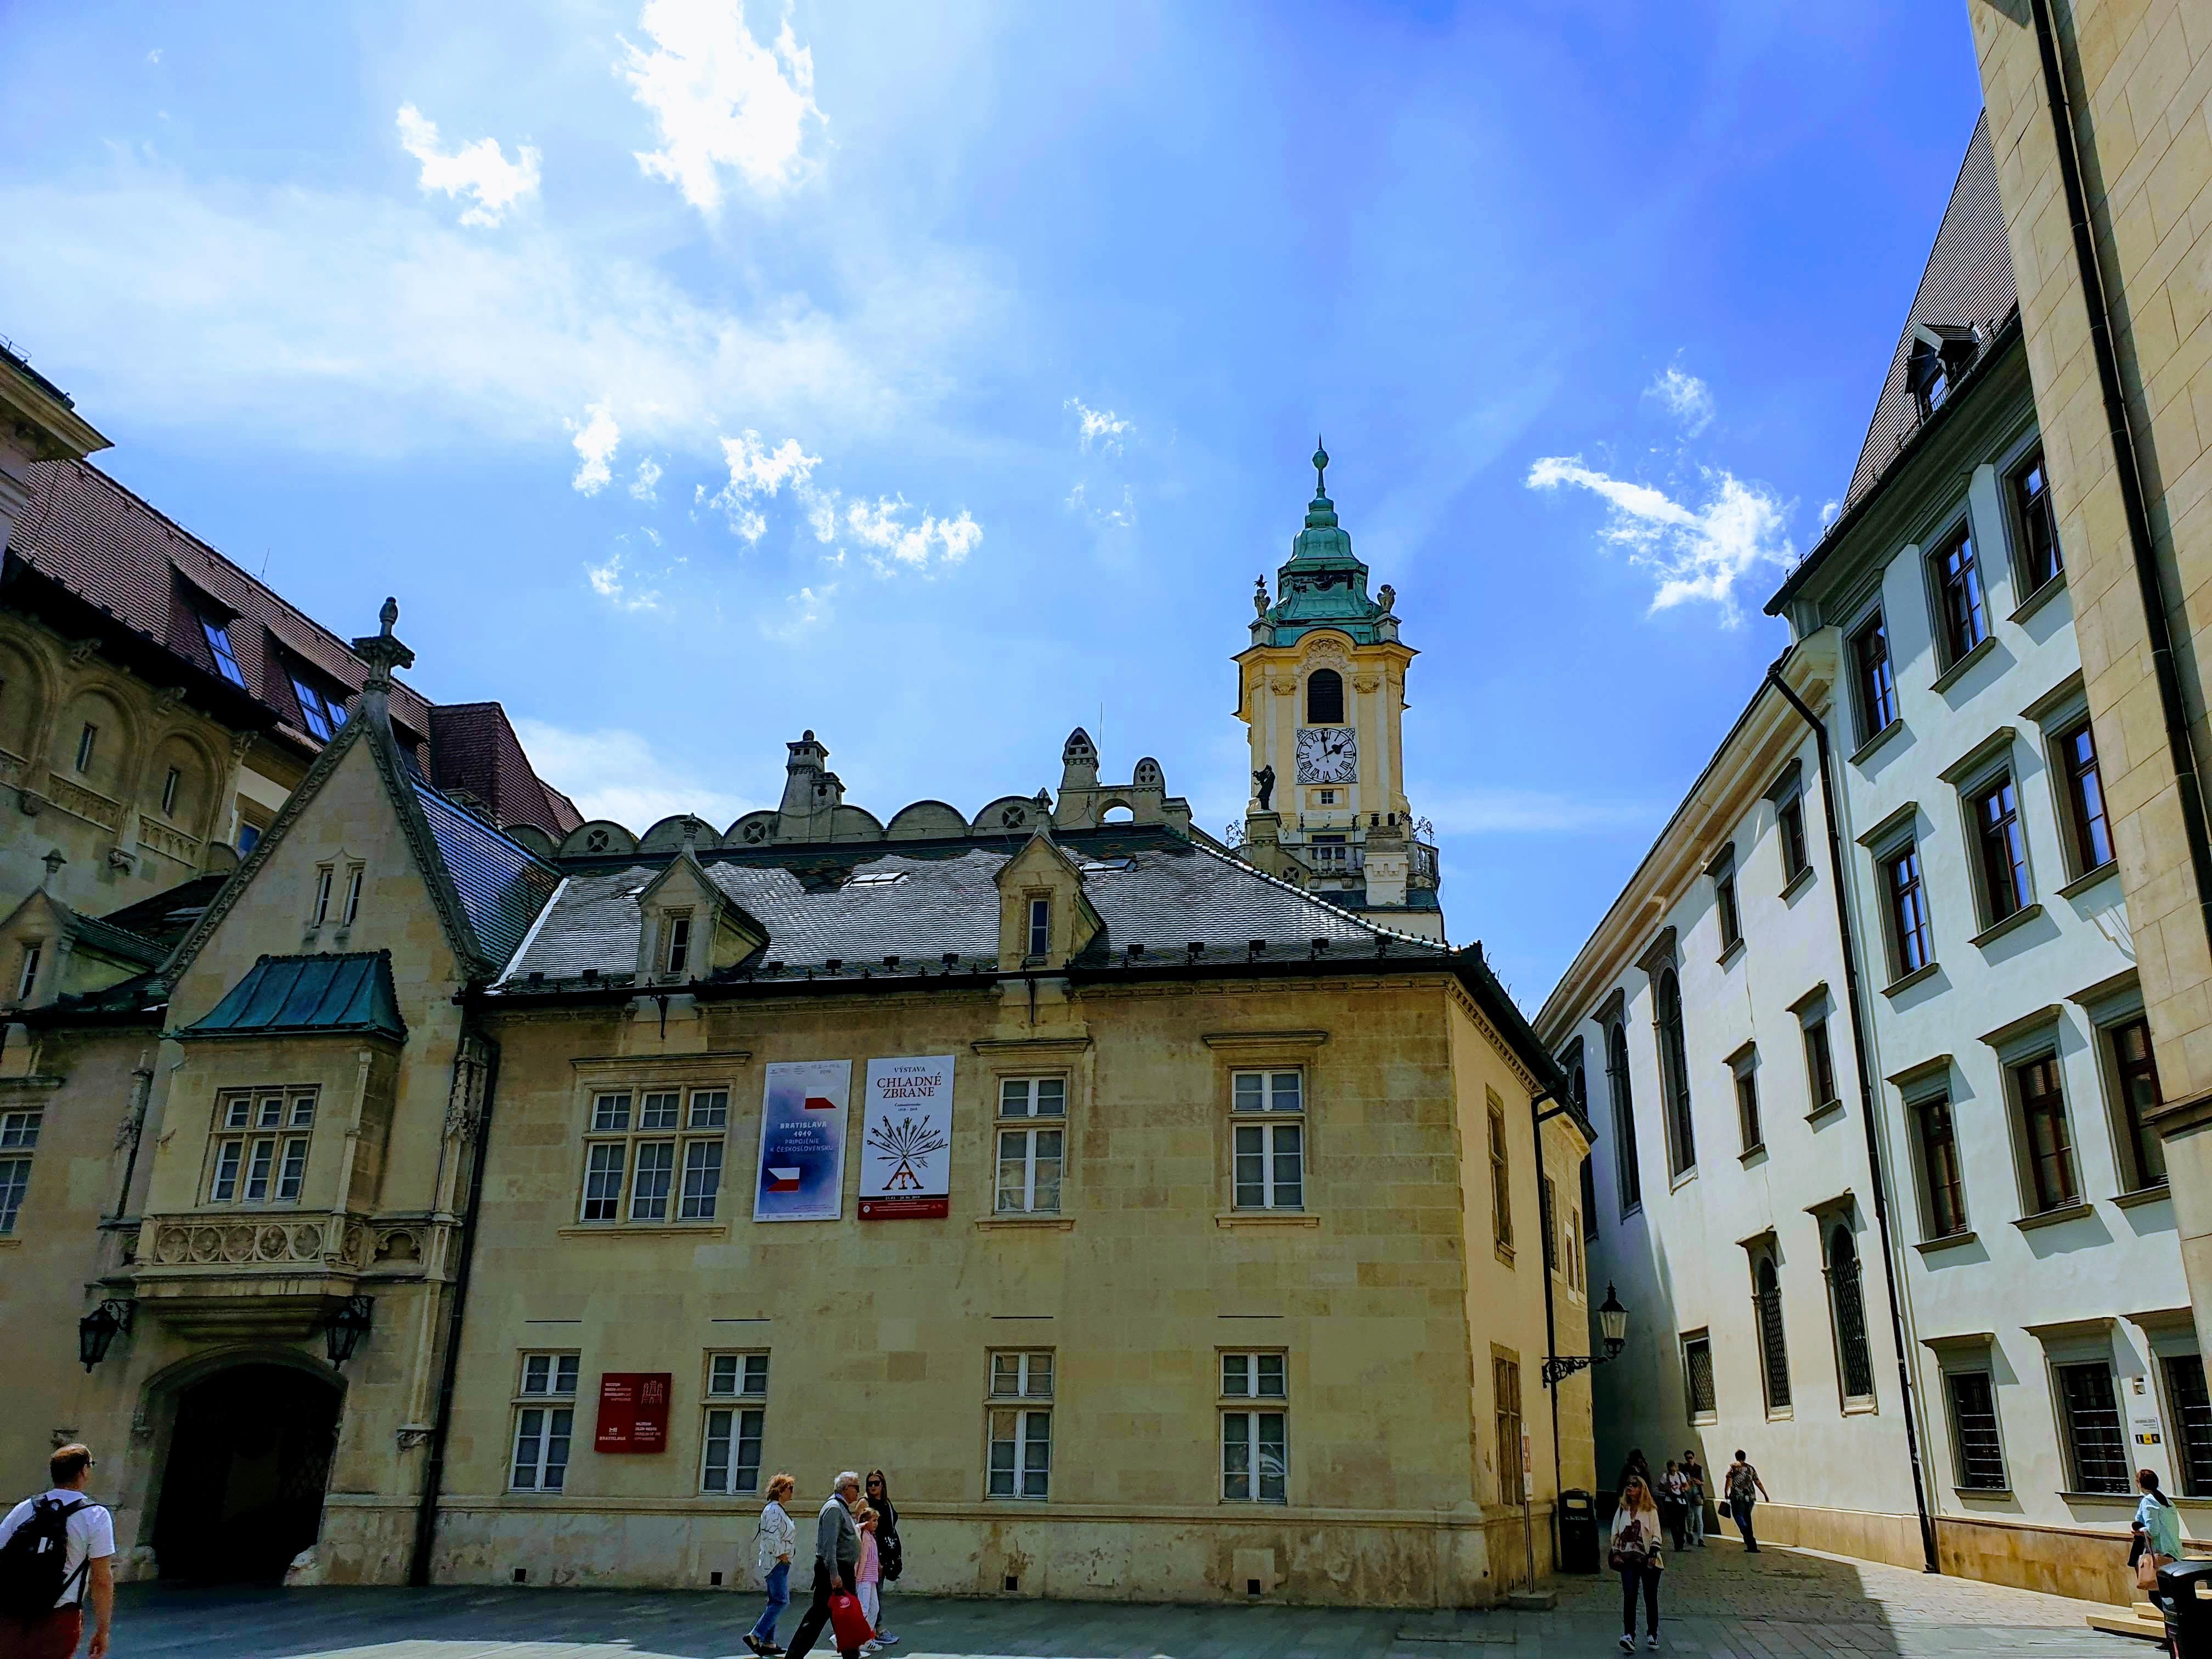 Szintén az Óvárosháza